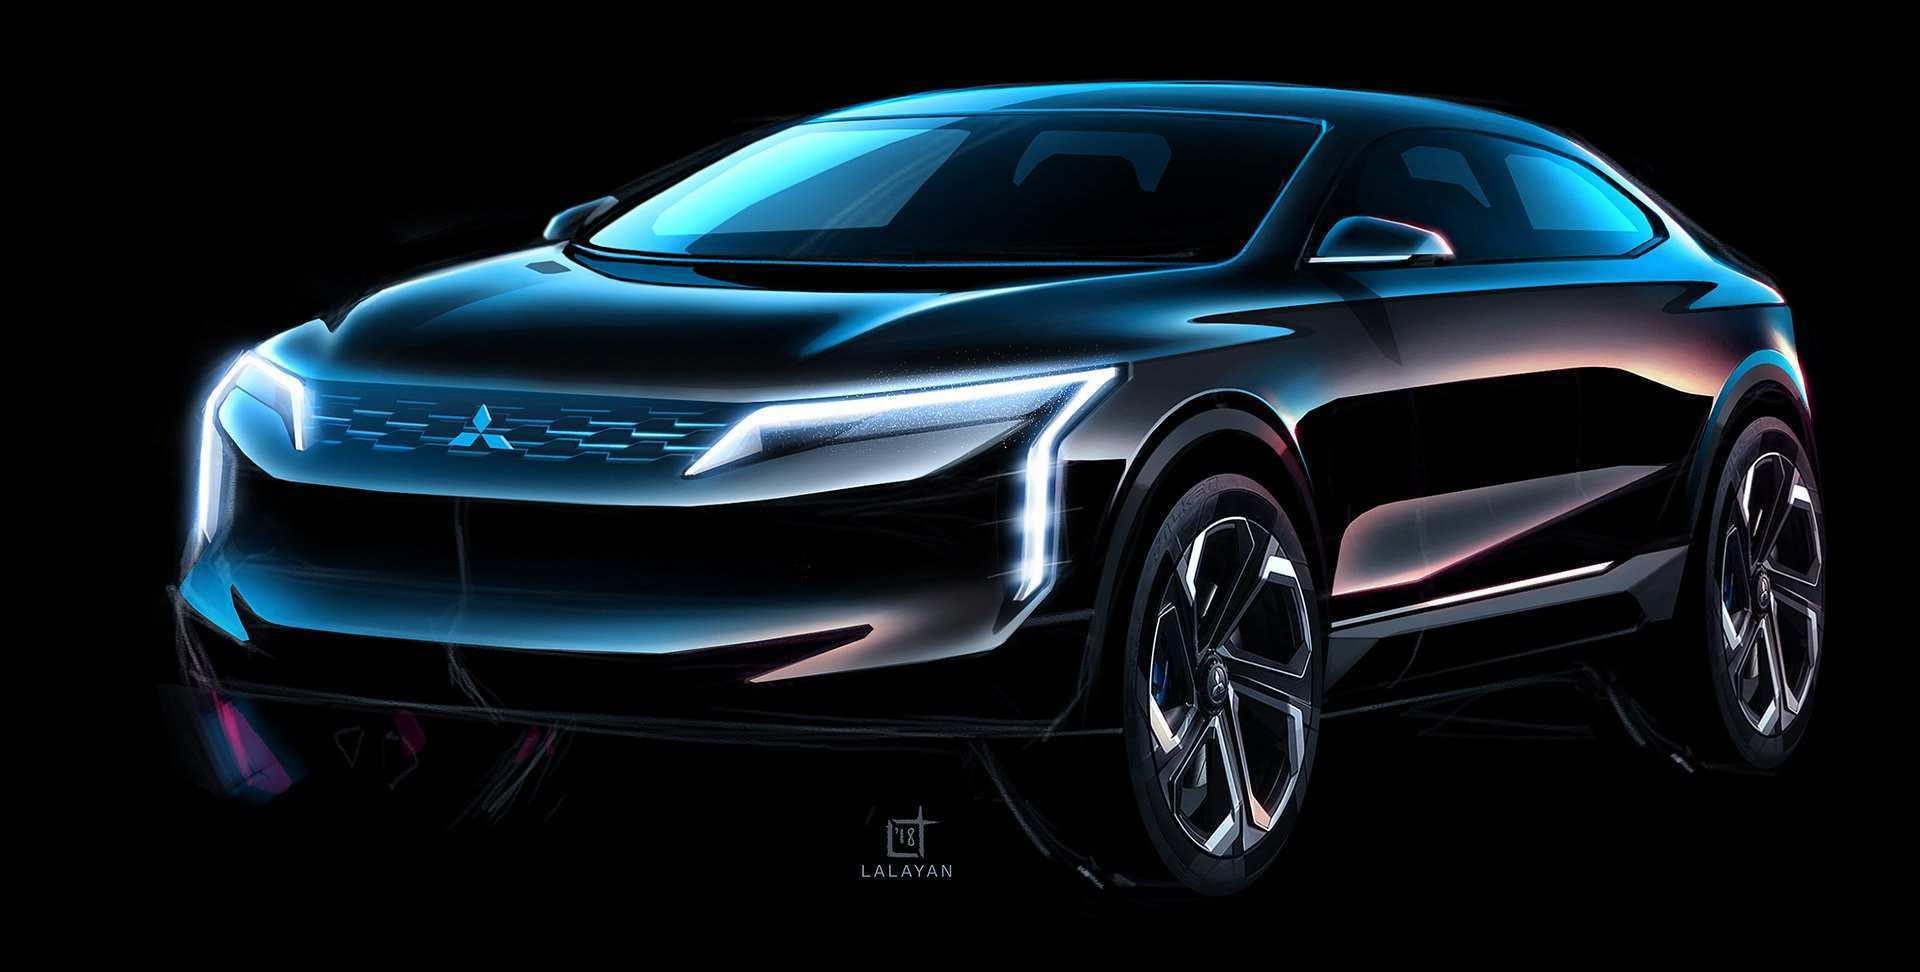 16 All New 2020 Mitsubishi Evo Picture with 2020 Mitsubishi Evo